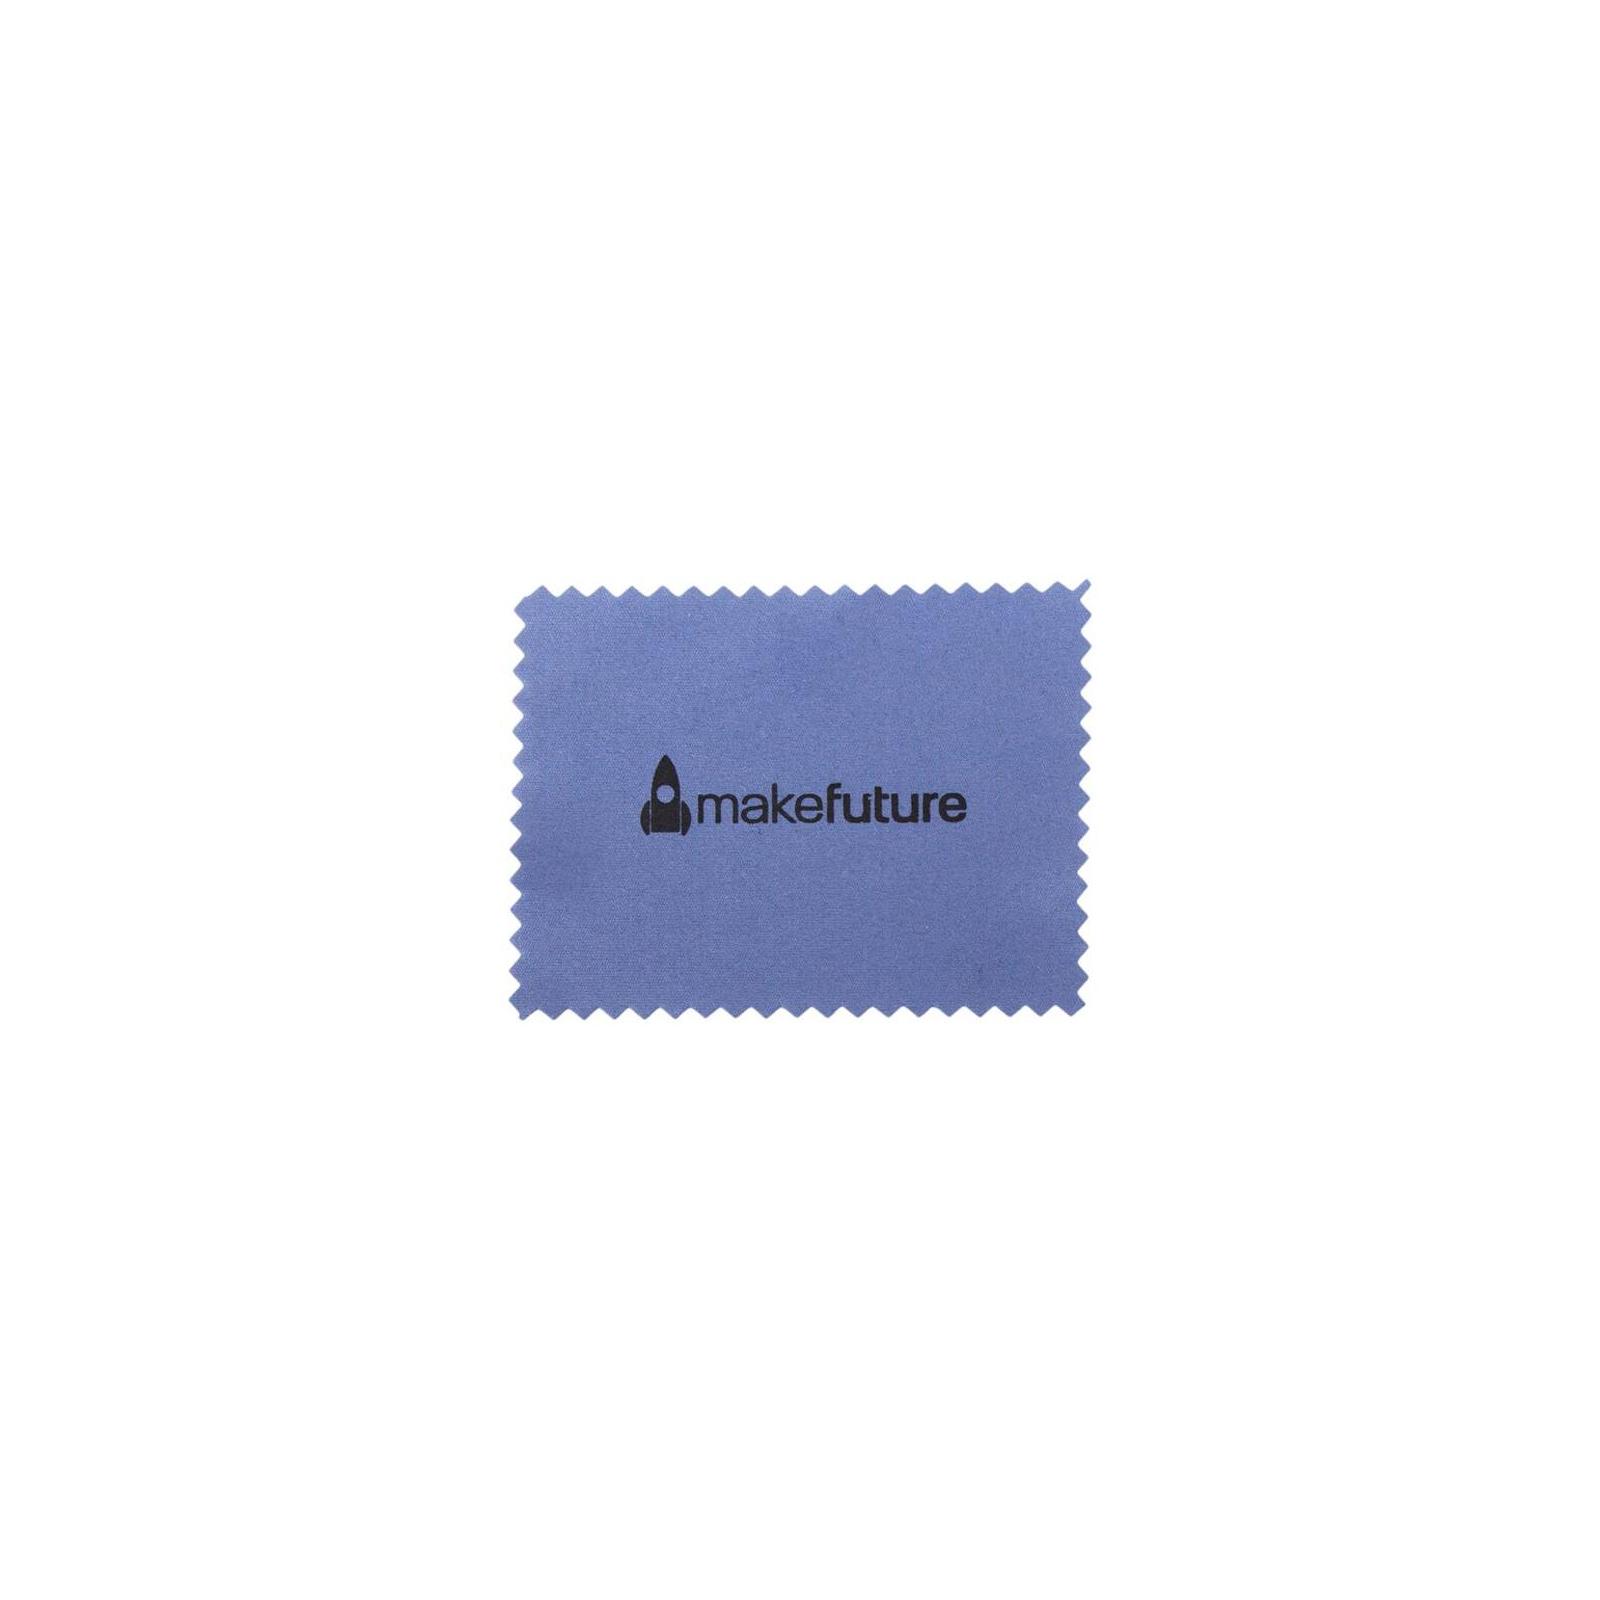 Стекло защитное MakeFuture для Huawei Nova Black Full Cover Full Glue (MGFCFG-HUNB) изображение 6